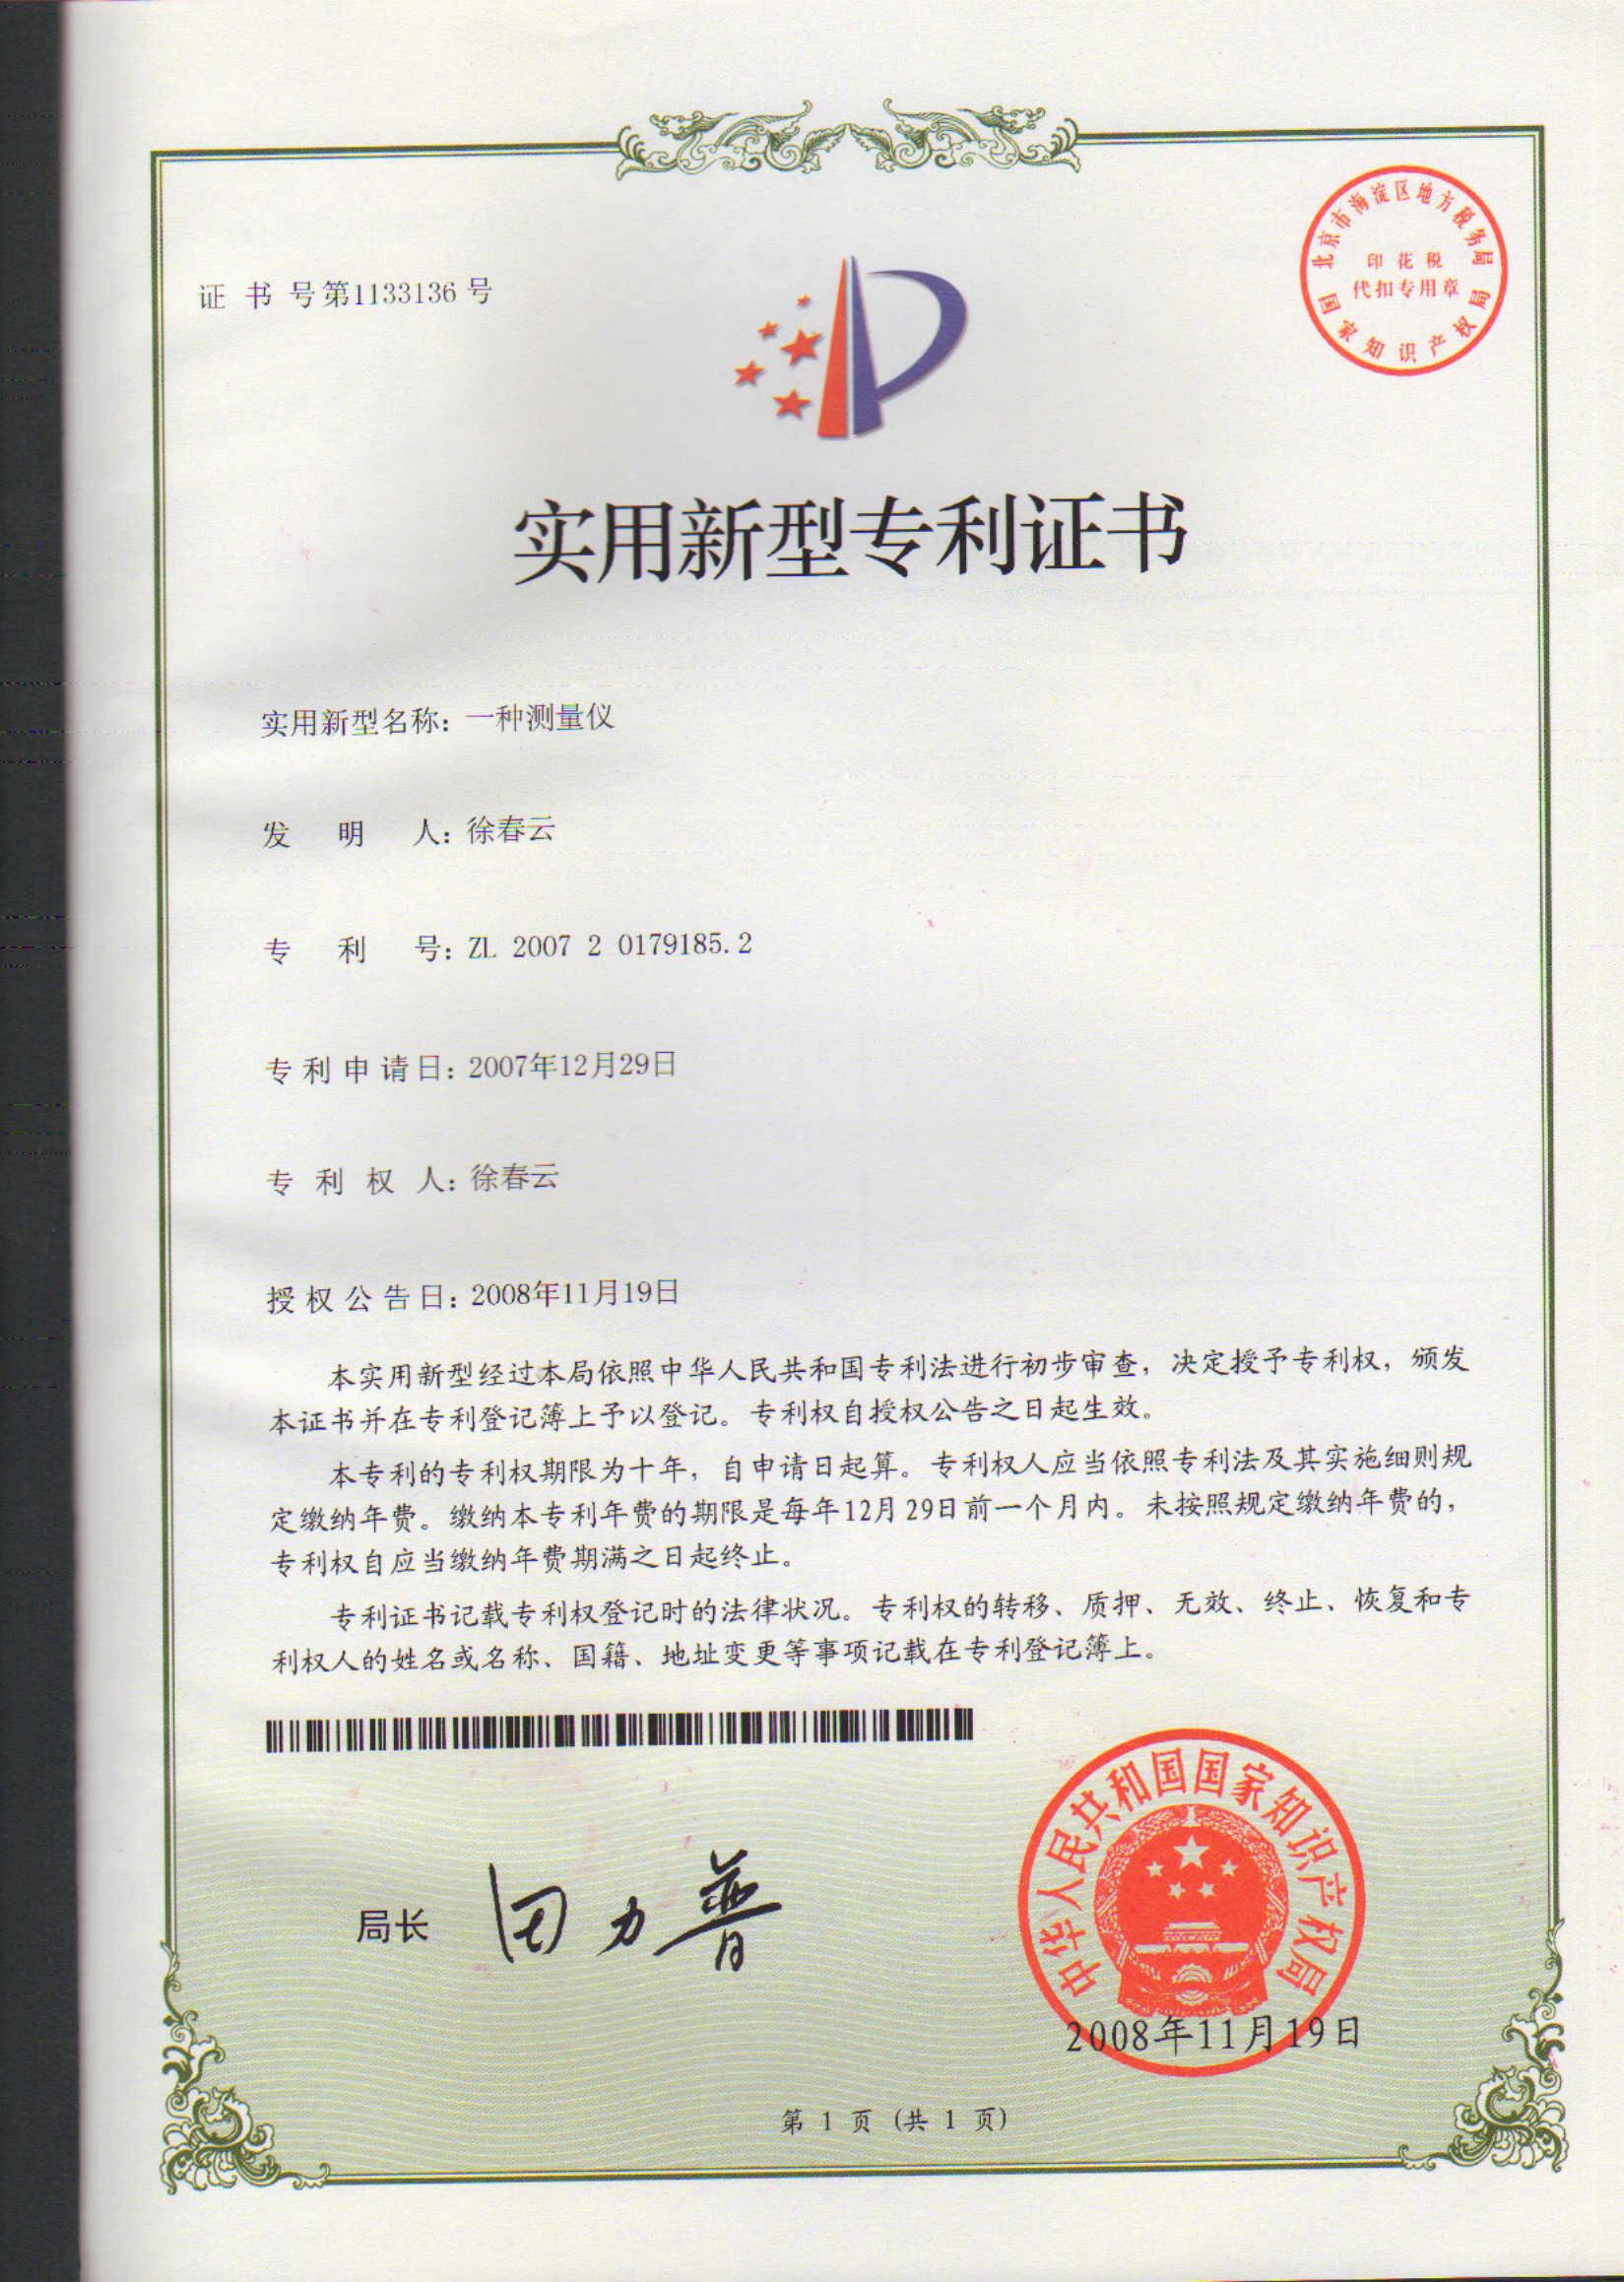 一种测量仪专利证书